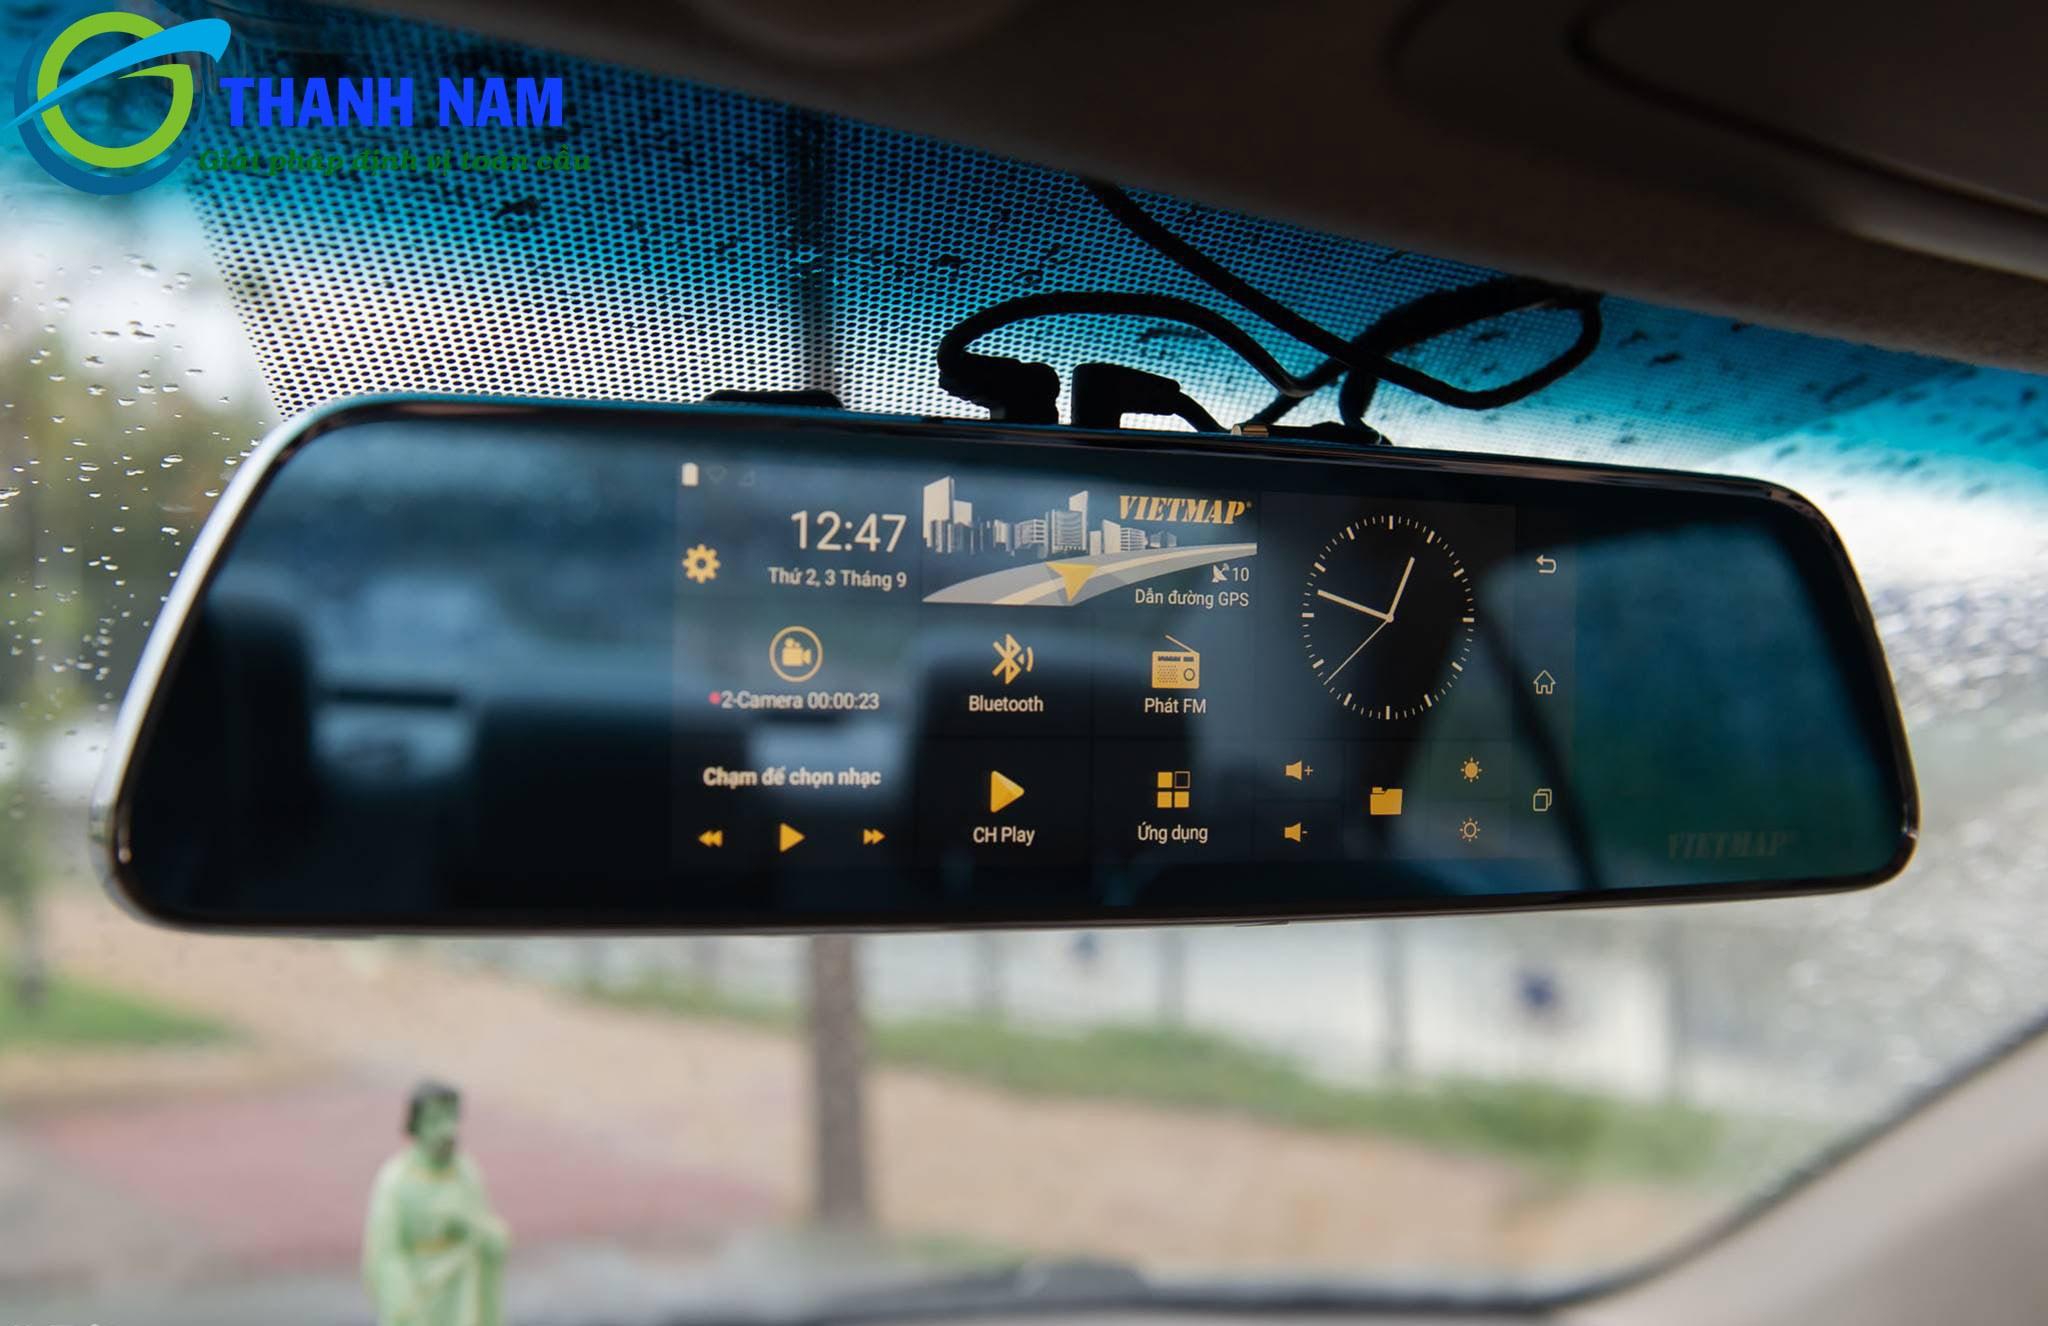 camera hành trình dẫn đường thông minh vietmap p1